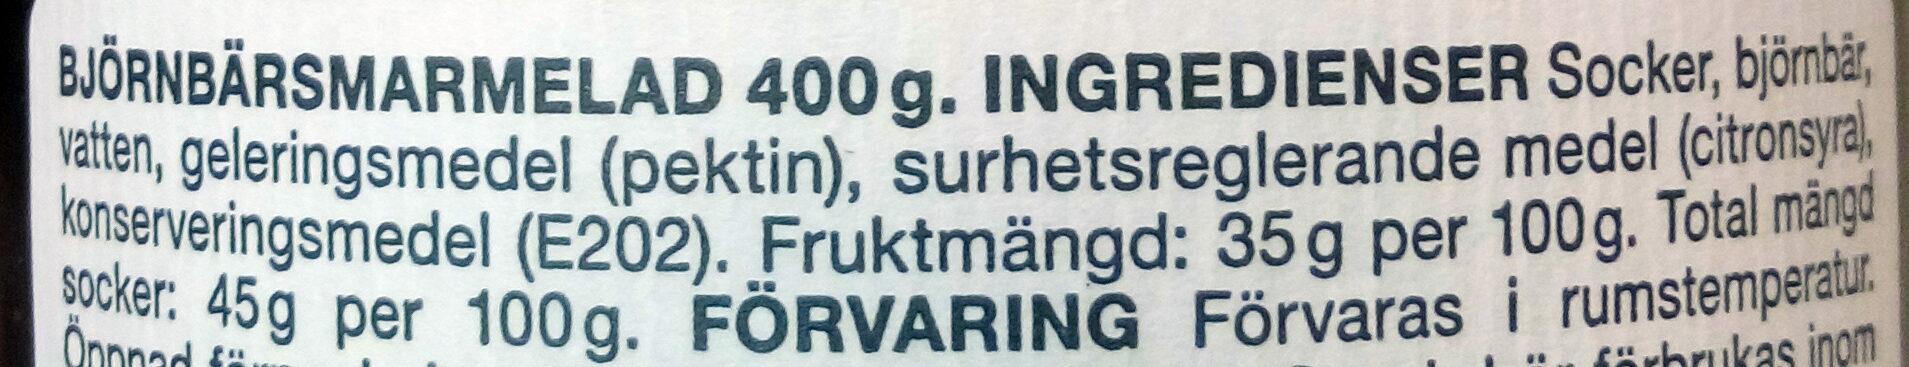 Bjornbars Marmelad - Ingrédients - sv